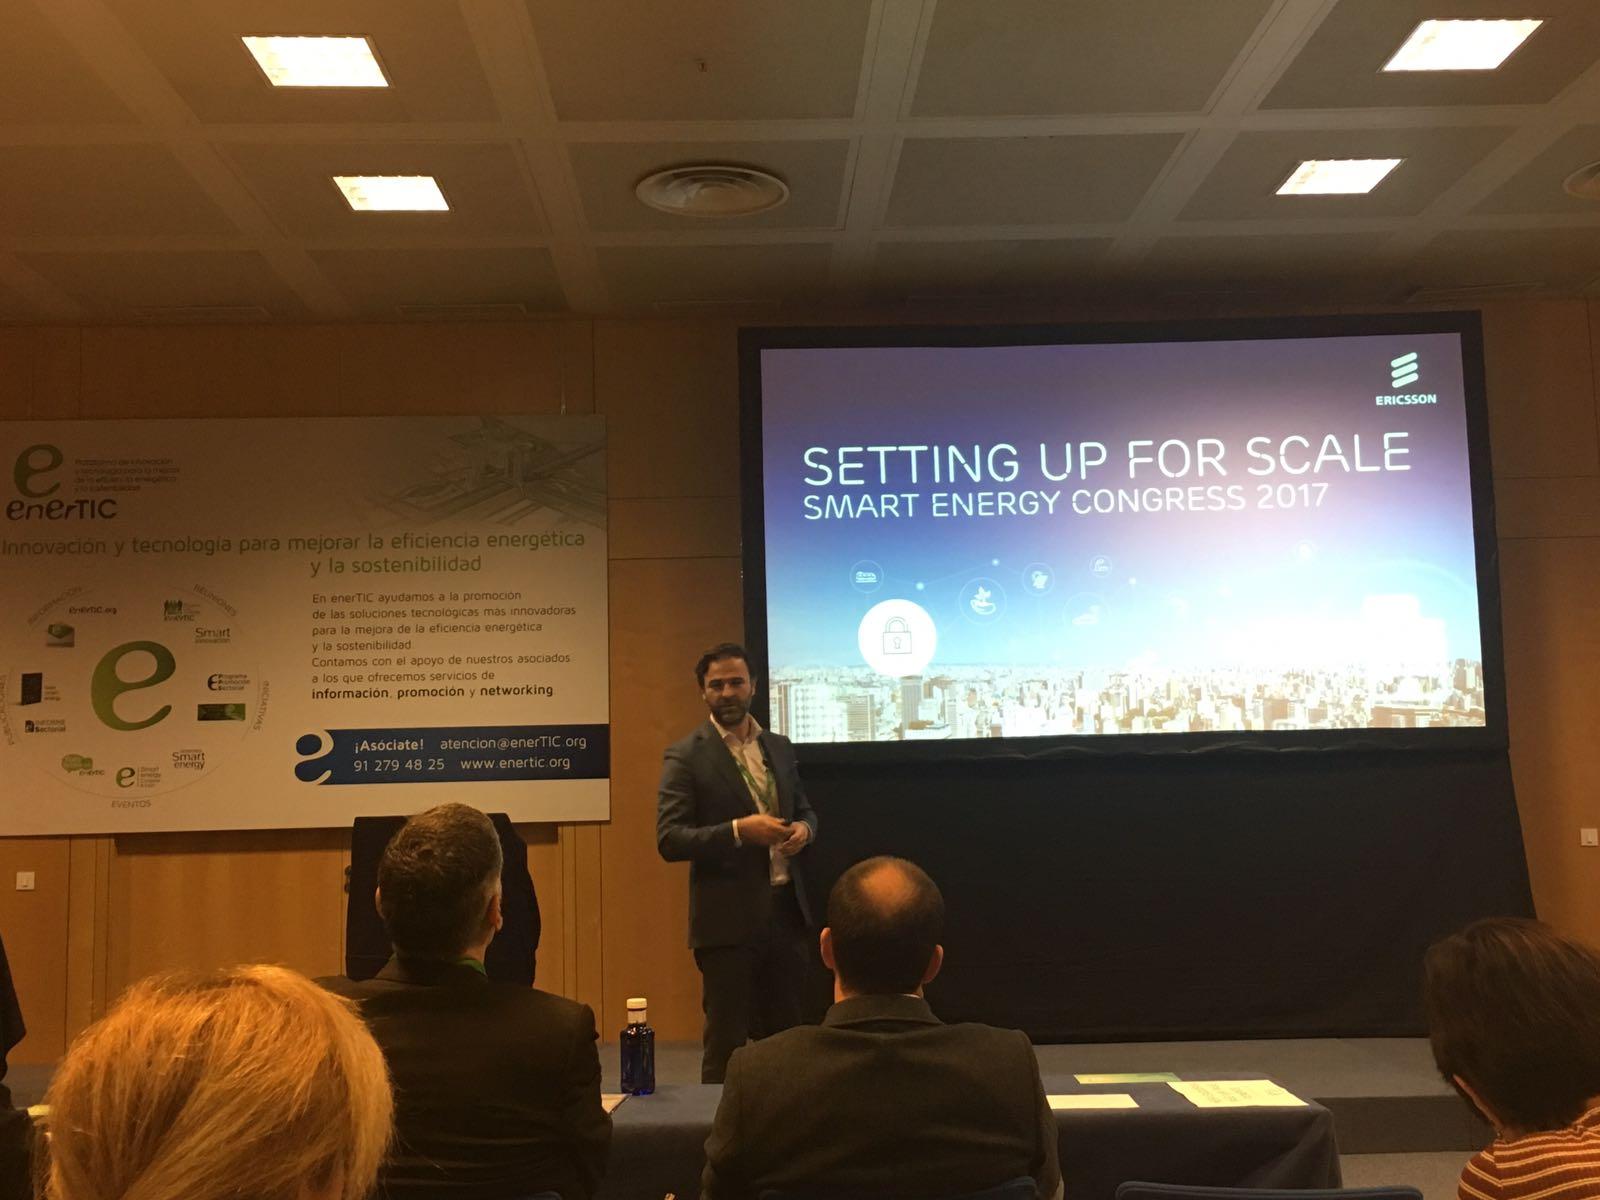 Pedro Almeida de Ericsson durante su intervención en el EnerTIC hablando de ciudades inteligentes y uso de datos.